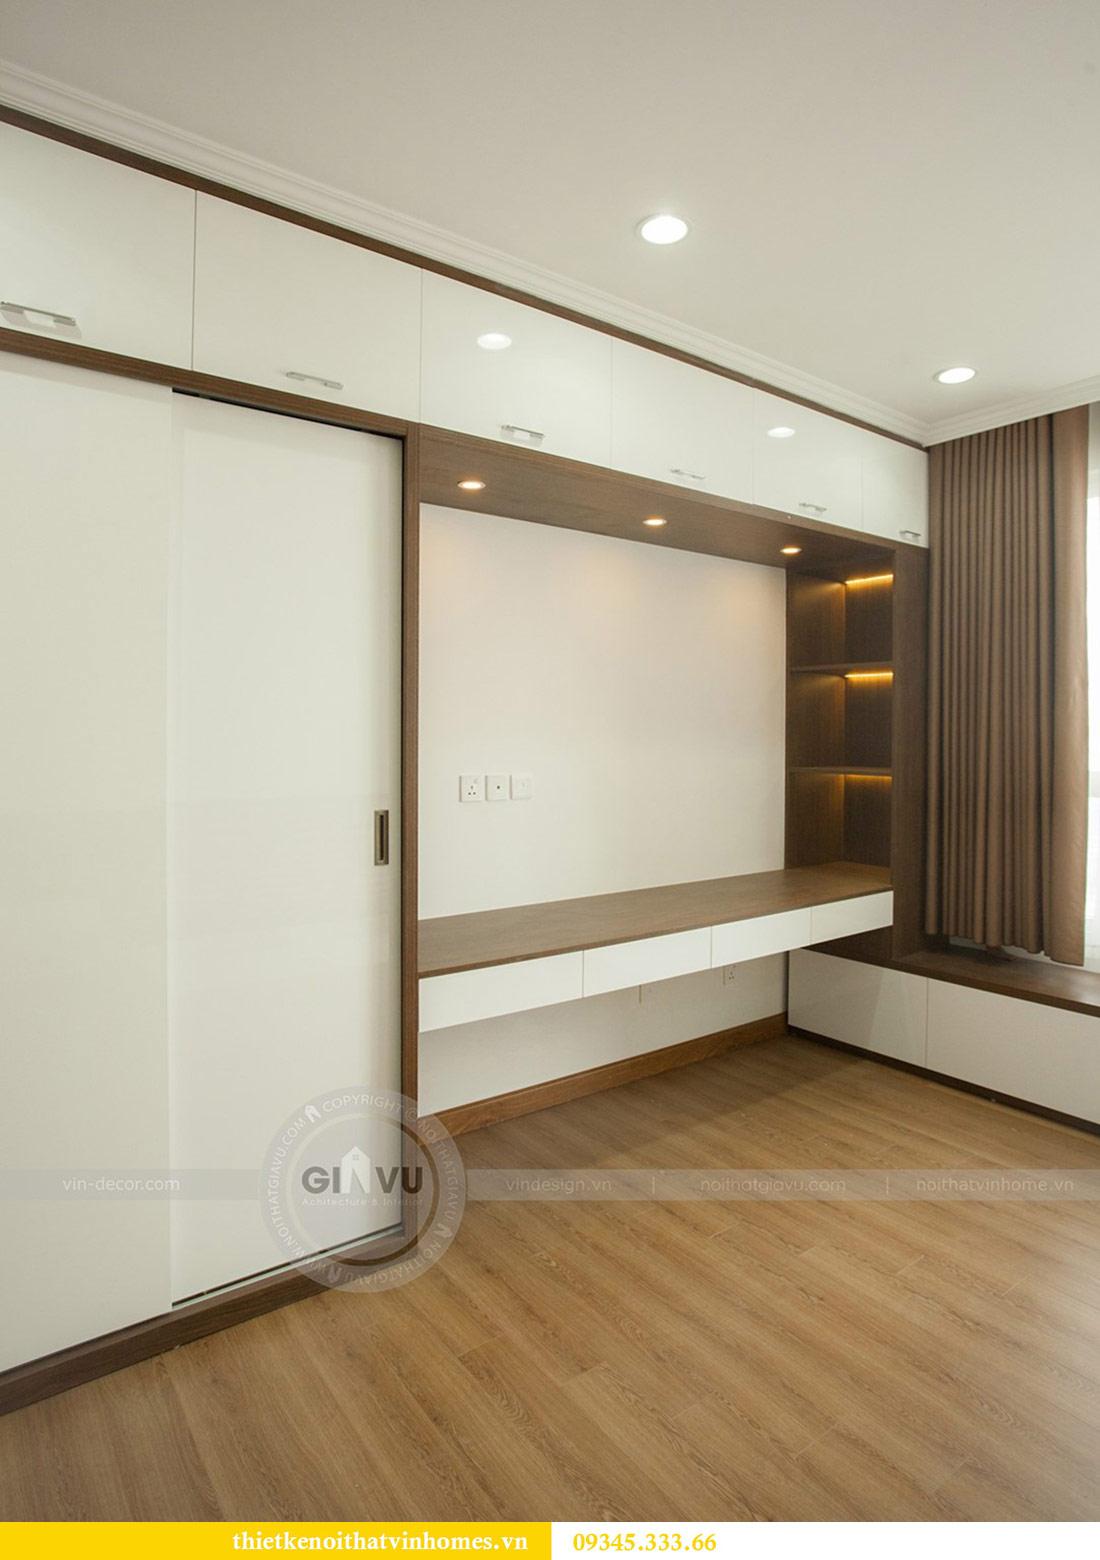 Thi công nội thất chung cư Vinhomes Sky Lake căn 3 phòng ngủ 17